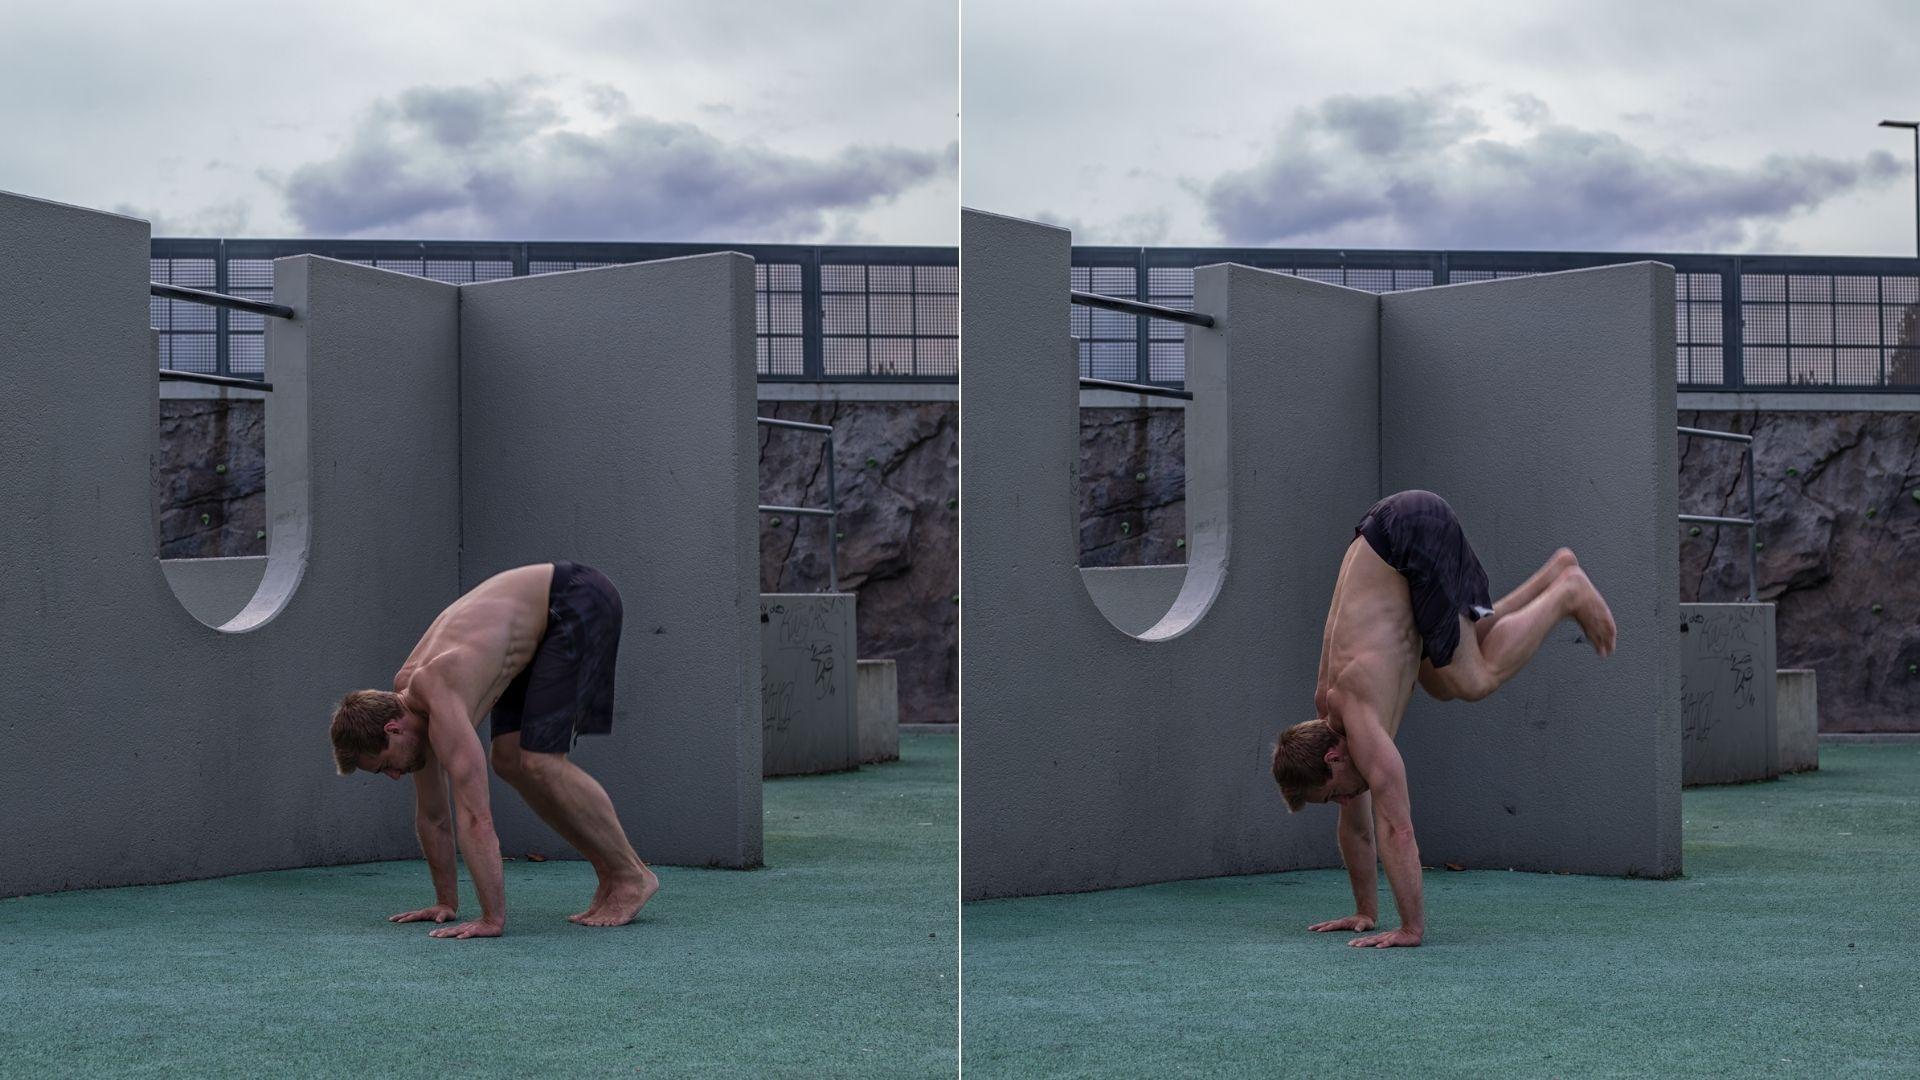 09 Handstand lernen